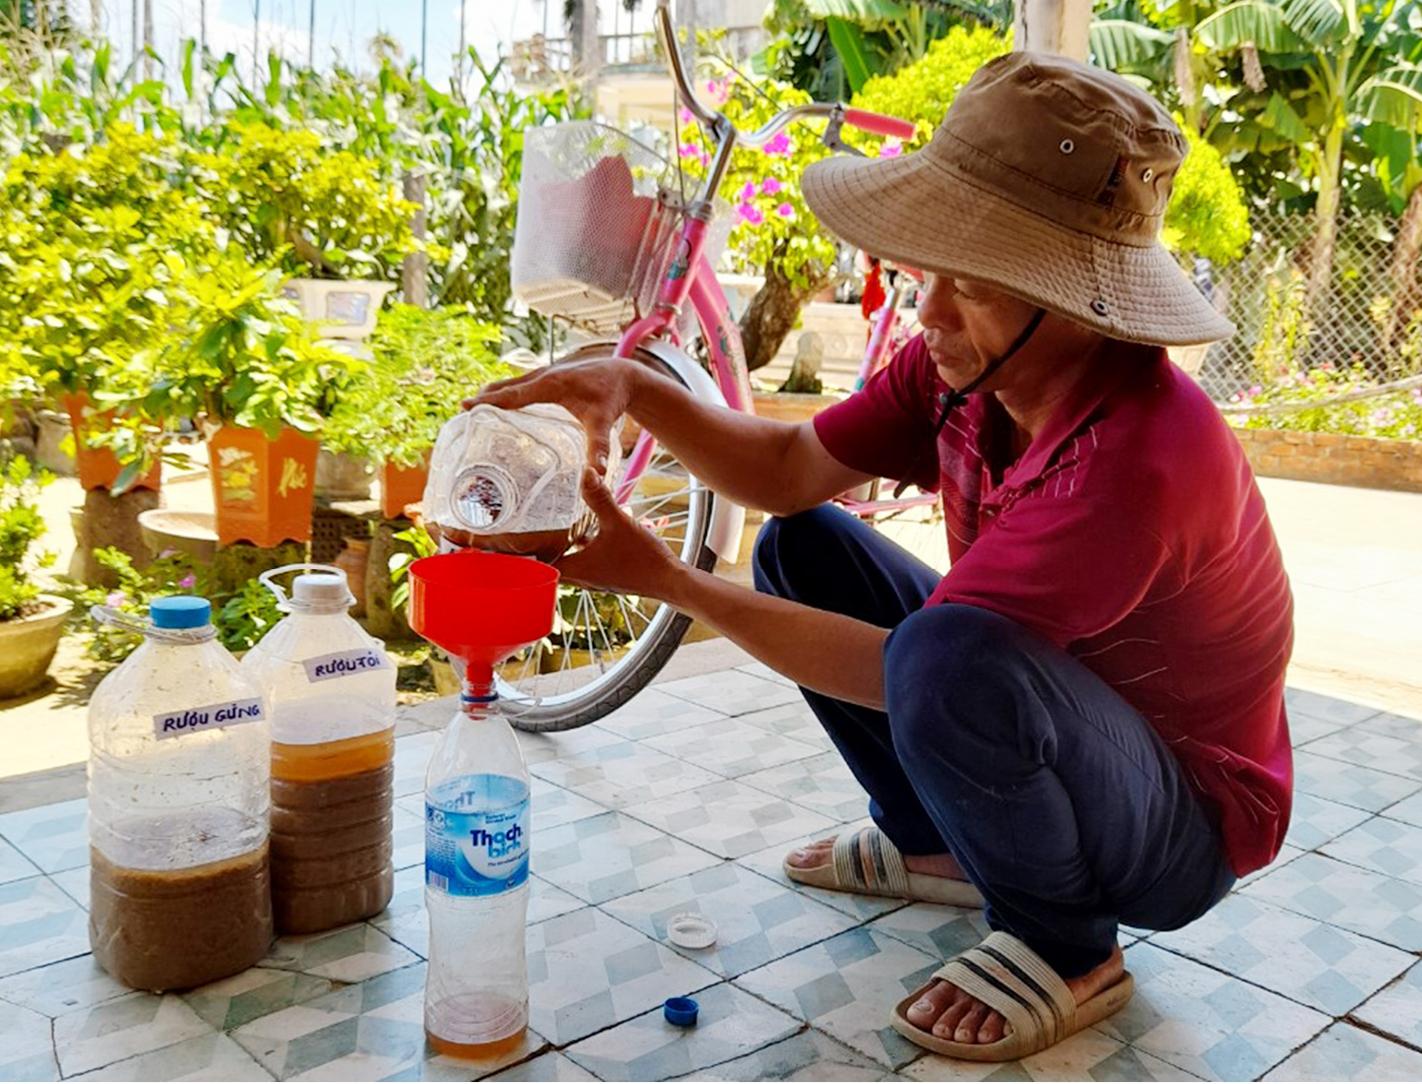 Nông dân tự làm bẫy sinh học, trừ sâu thảo mộc để trồng rau hữu cơ ảnh 9